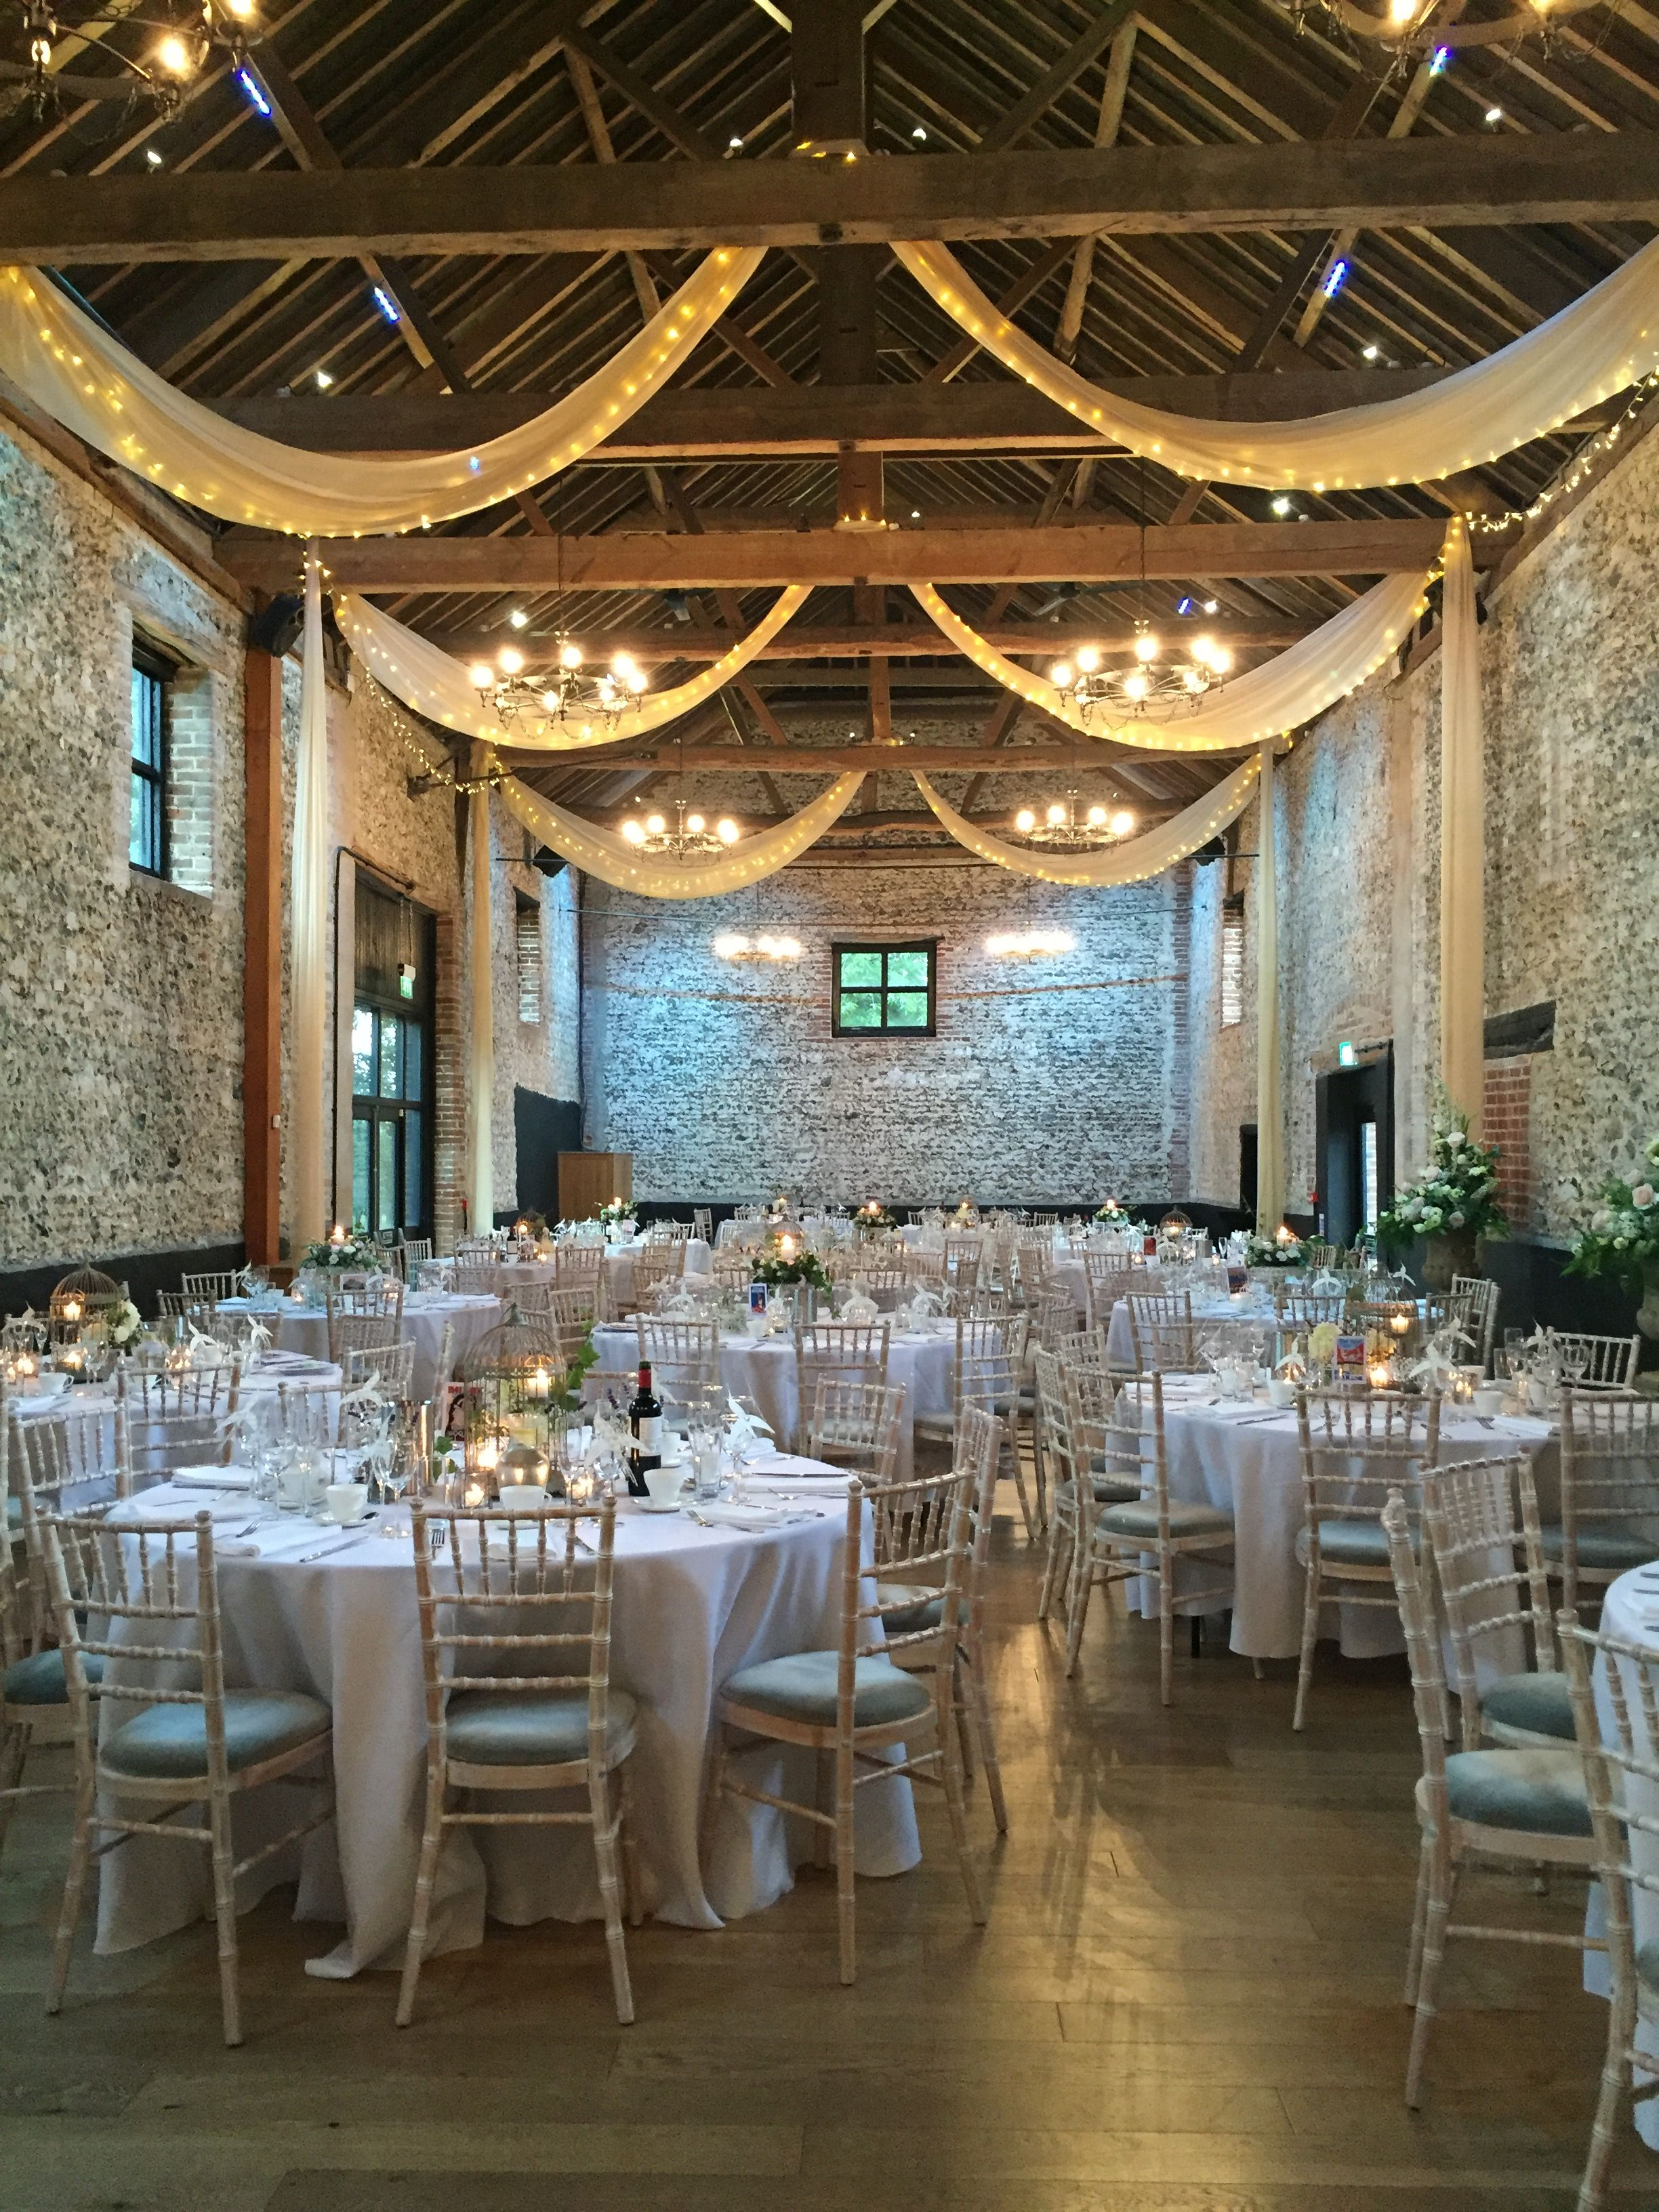 Barn wedding with fairy lights  weddingbreakfast granaryestates granarybarn barnweddings